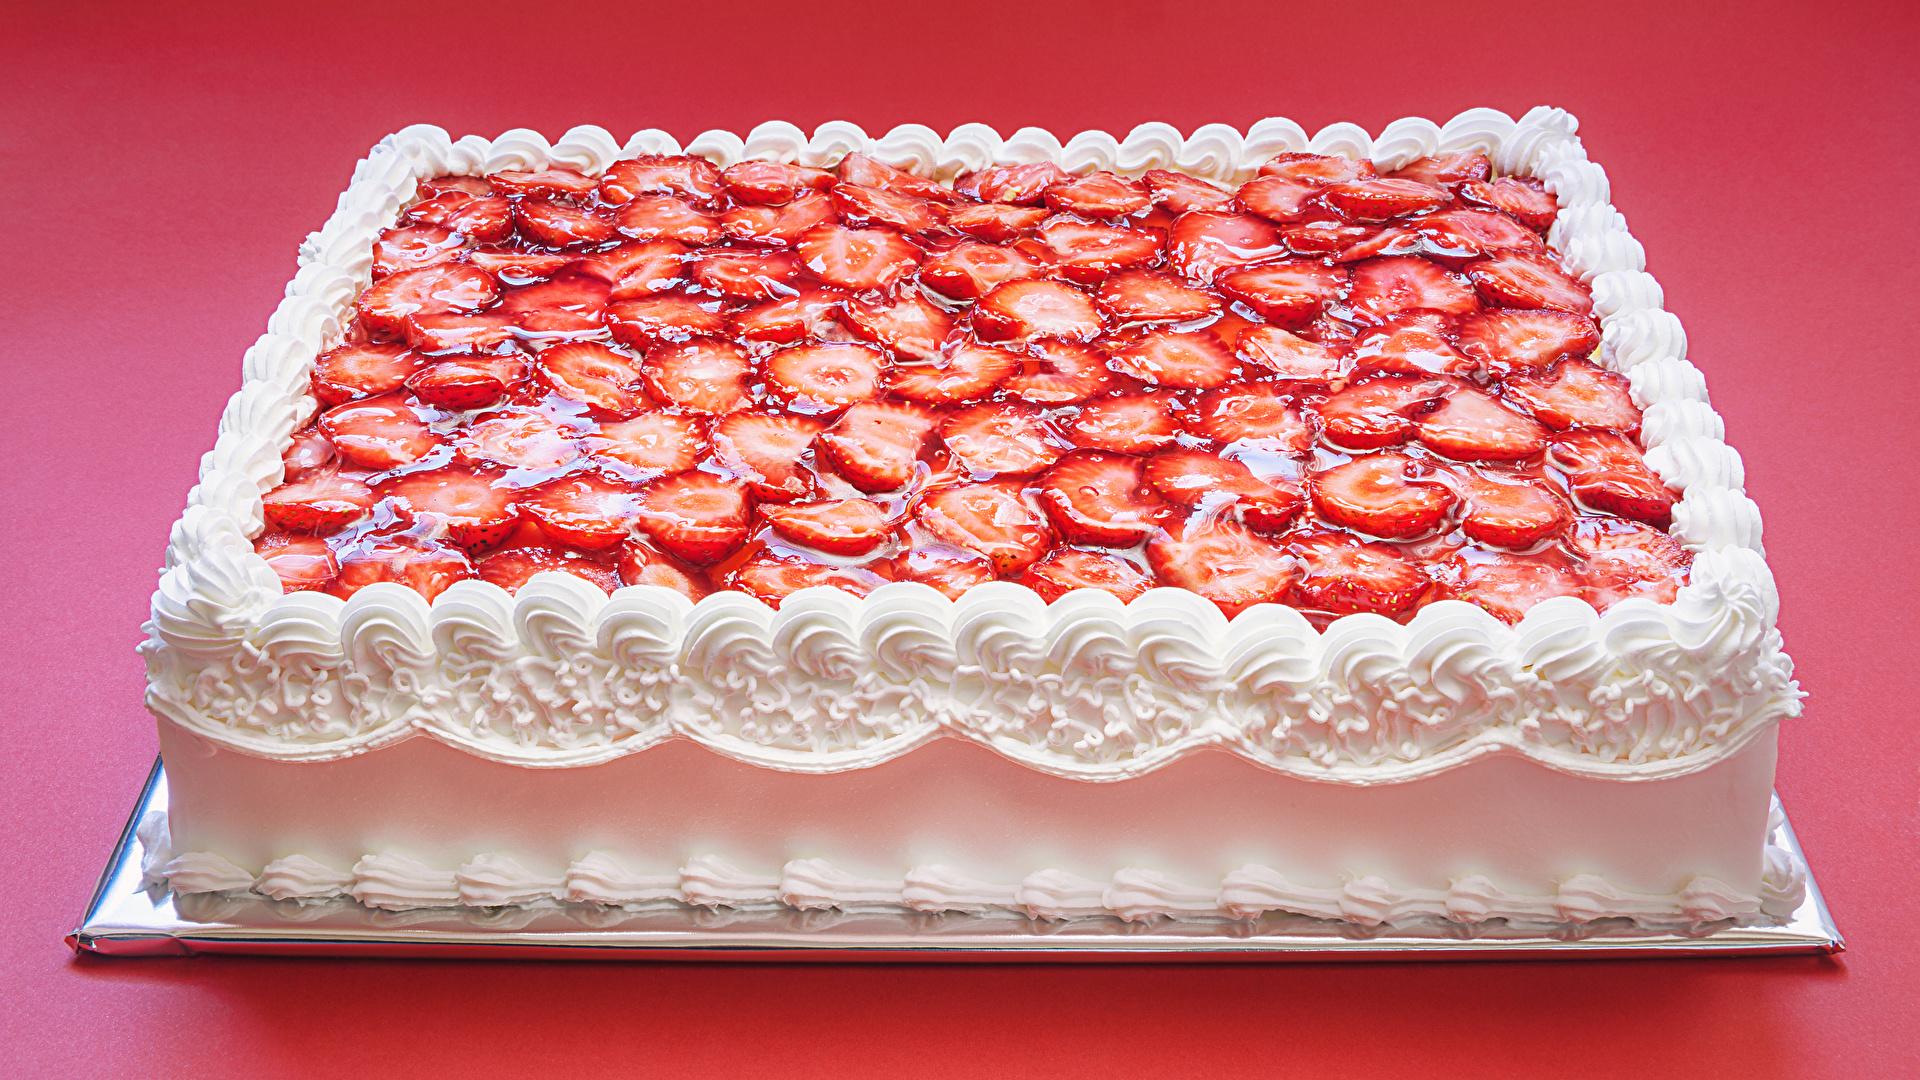 Фото Торты Клубника Продукты питания Красный фон сладкая еда Дизайн 1920x1080 Еда Пища Сладости красном фоне дизайна